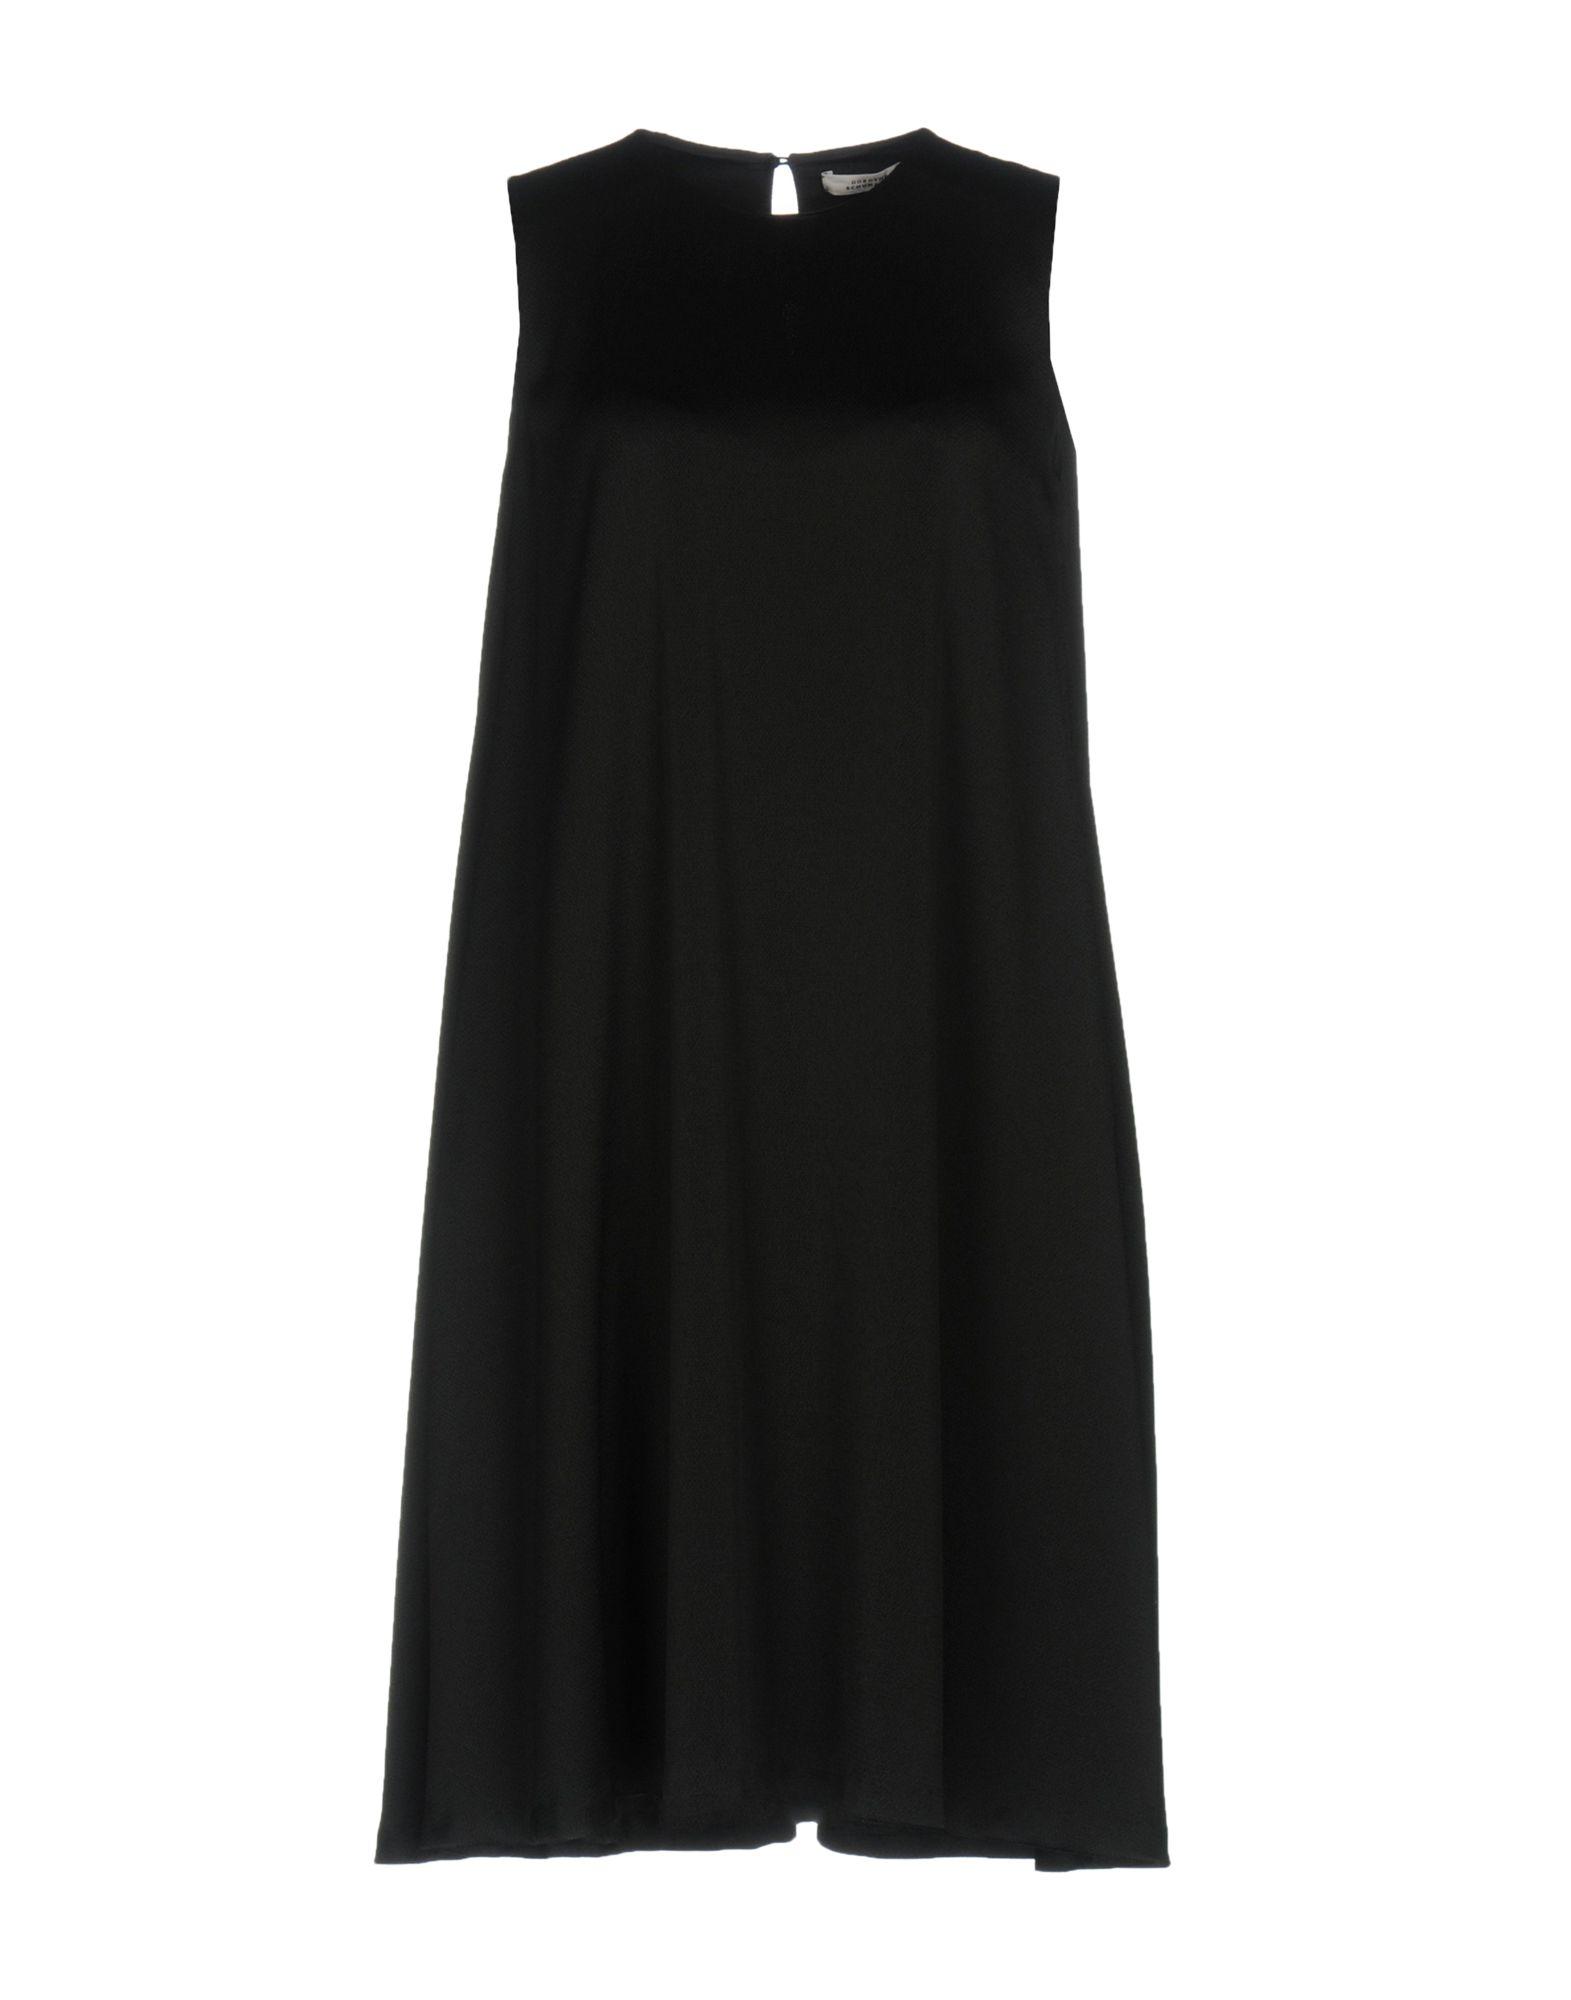 купить DOROTHEE SCHUMACHER Платье до колена по цене 6800 рублей